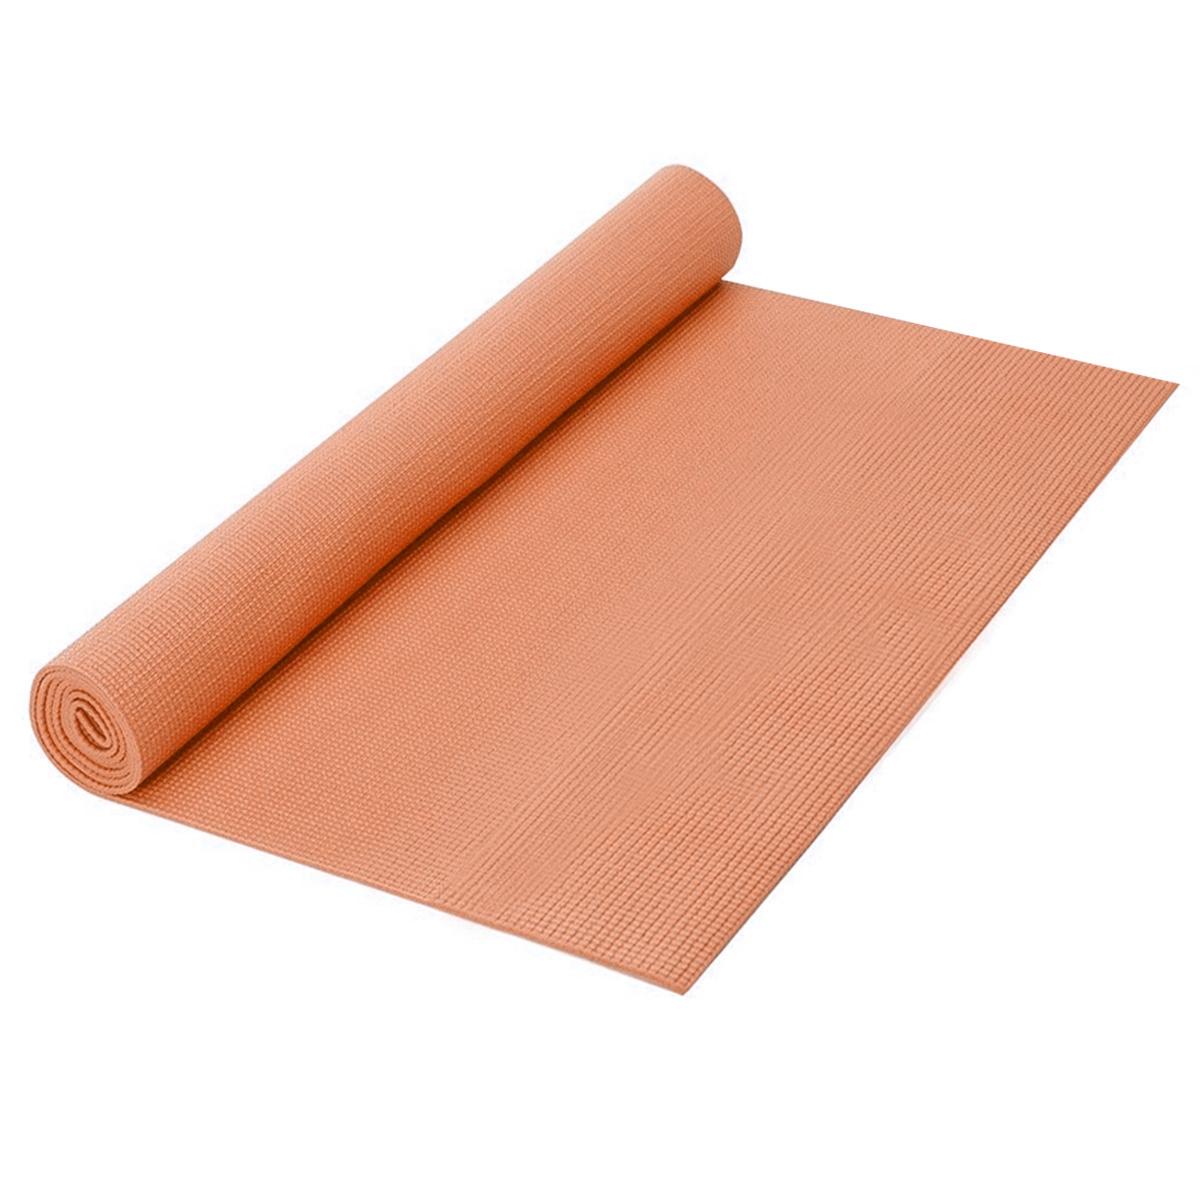 Коврик для йоги Easy Body, 172 см х 61 см х 0,3 см, цвет: оранжевый5476МТ-IB оранжевыйКоврик для йоги Easy Body сделает Ваши занятия спортом комфортными и приятными. Так как многие упражнения выполняются лежа на полу, и чтобы не простудиться и не испачкать одежду, Вам просто необходим чистый, мягкий и теплоизолирующий коврик. Коврик удобно расстилается и легко сворачивается, не занимает много места.